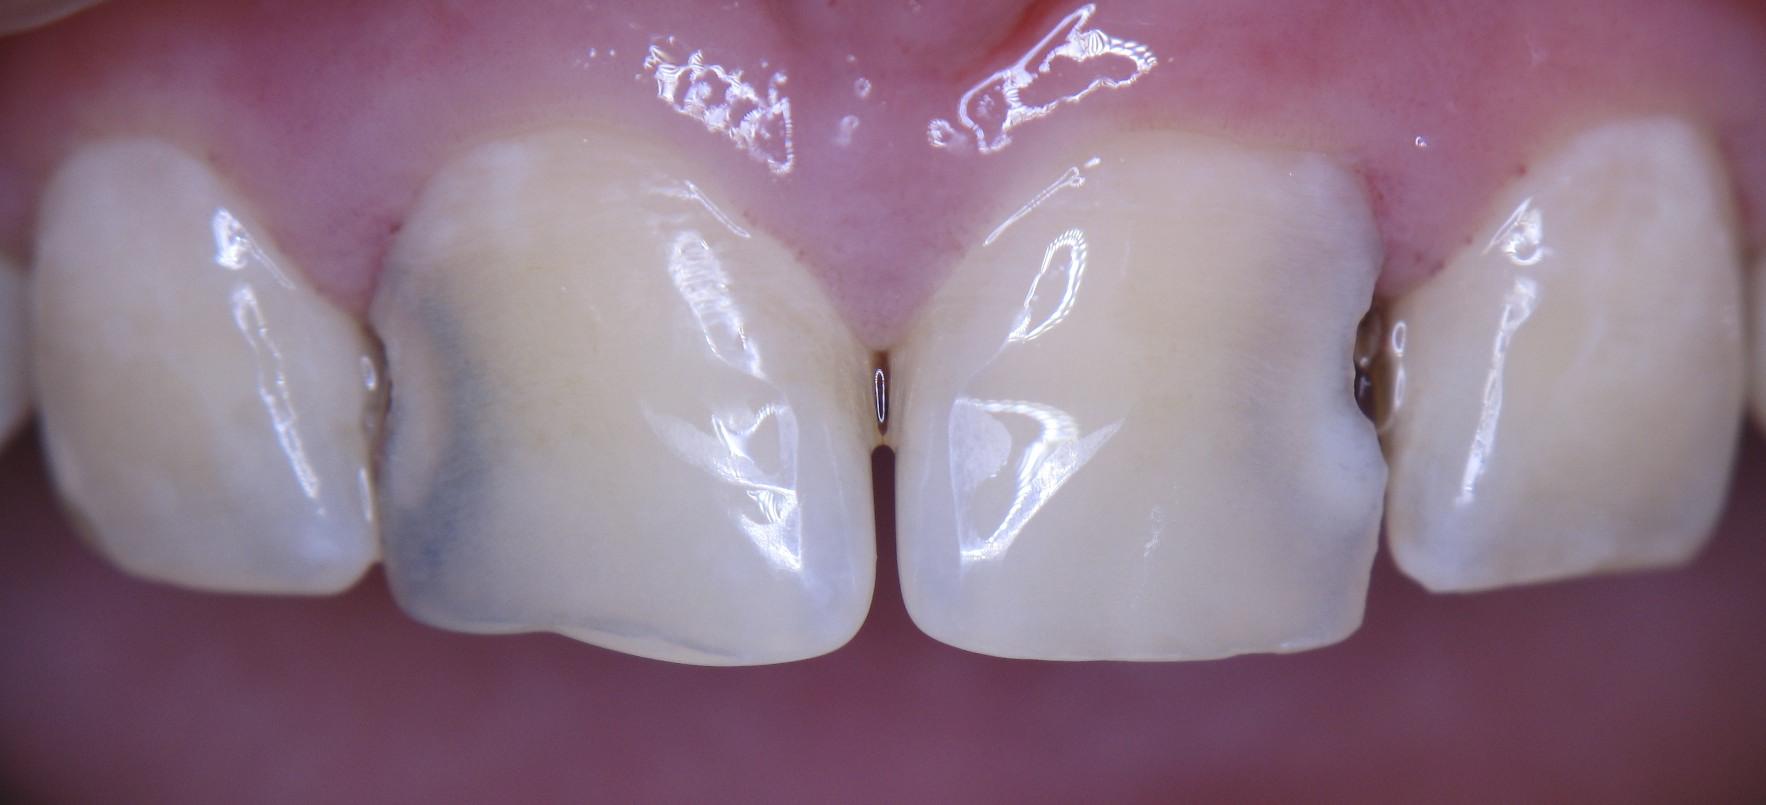 кариозные полости на передних зубах